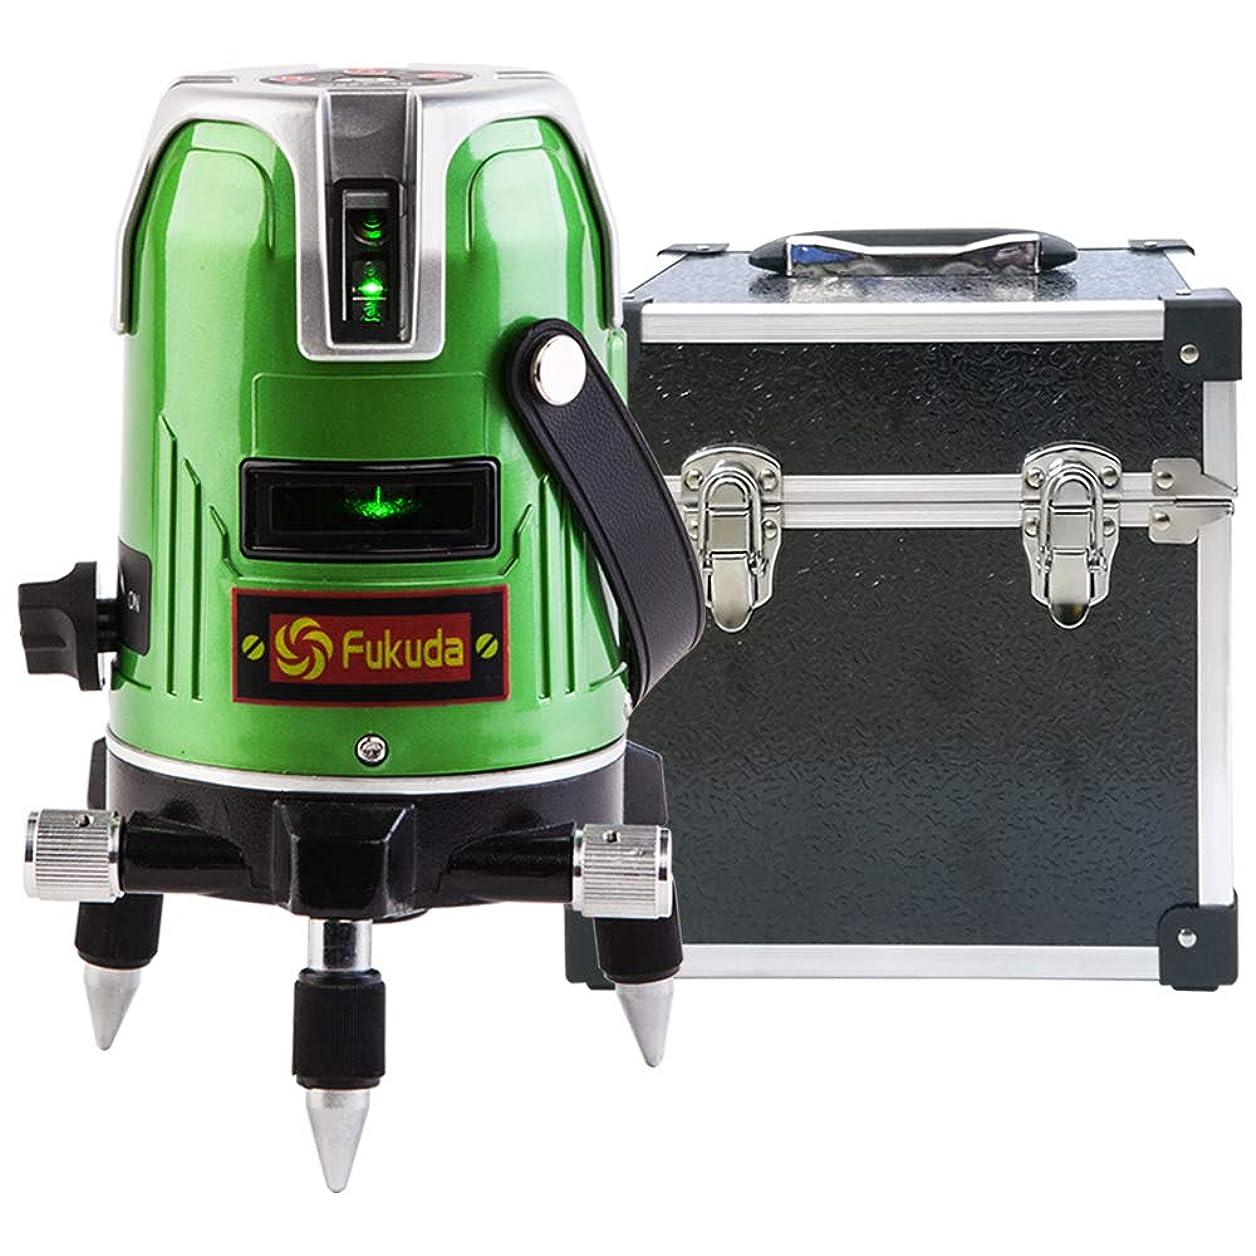 シンプルさあいにく近傍FUKUDA 5ライン グリーンレーザー墨出し器 EK-468G J 4垂直?1水平 フクダ レーザー墨出し器 【1年保証】水平器 フルライン測定器